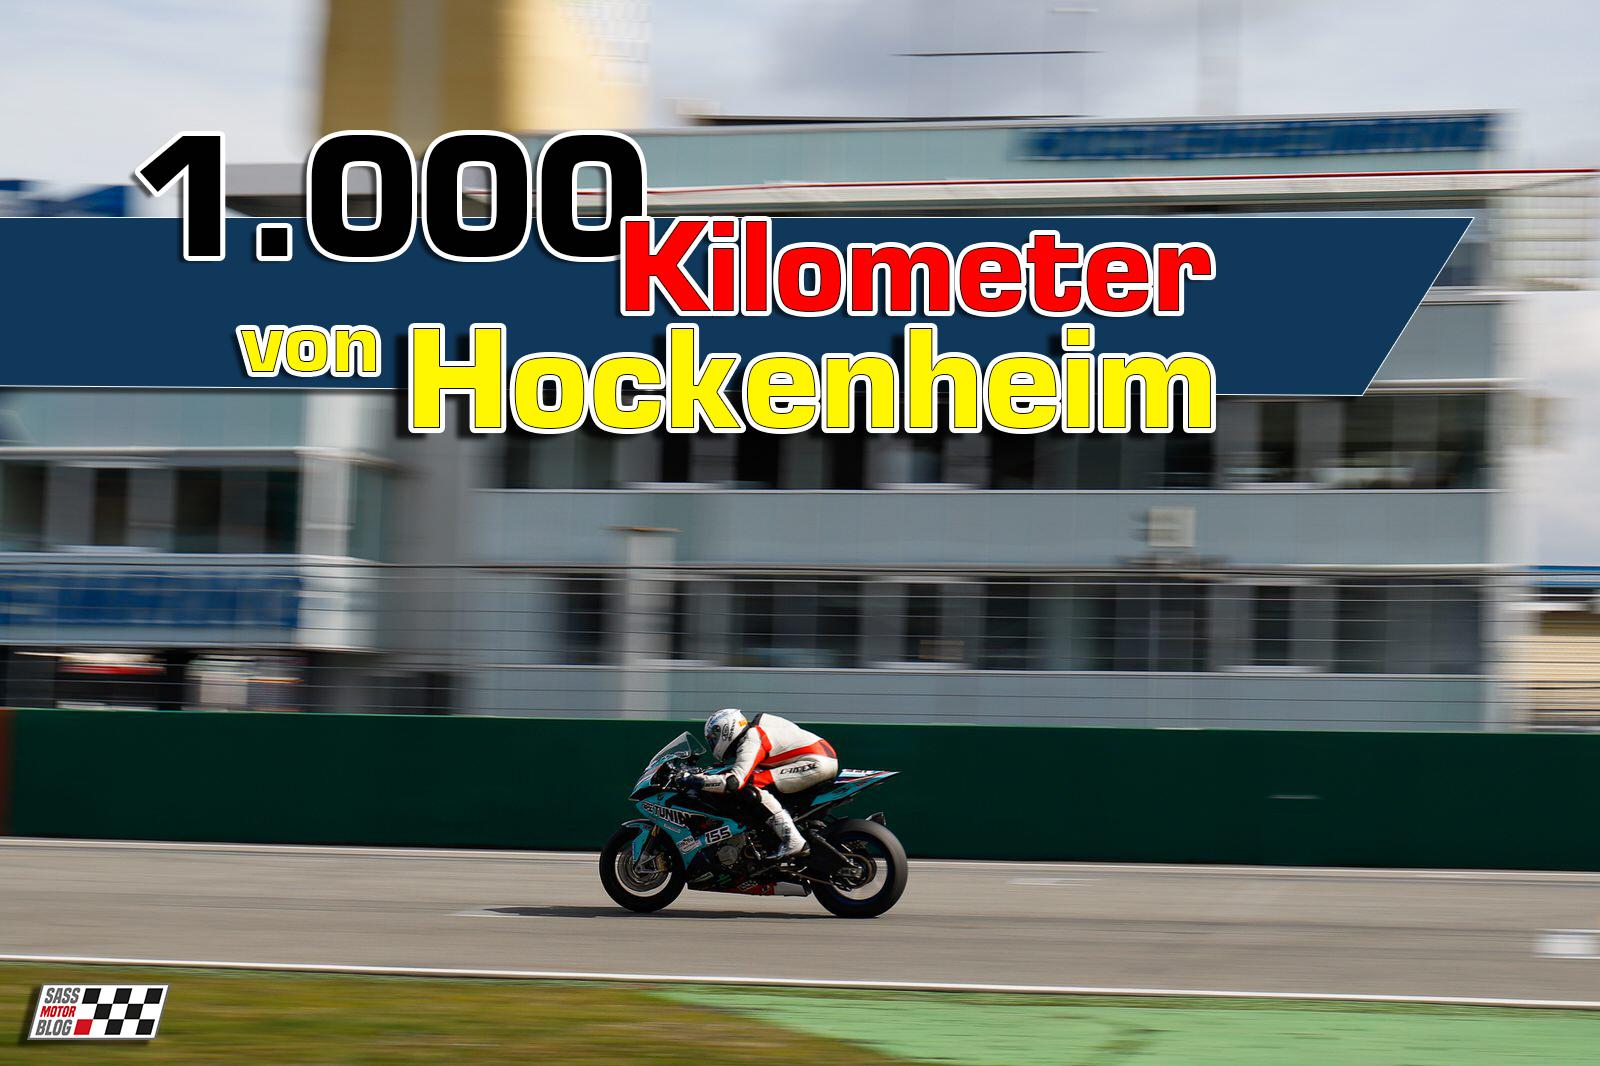 Foto : Torsten Karpf / Hockenheimring GmbH